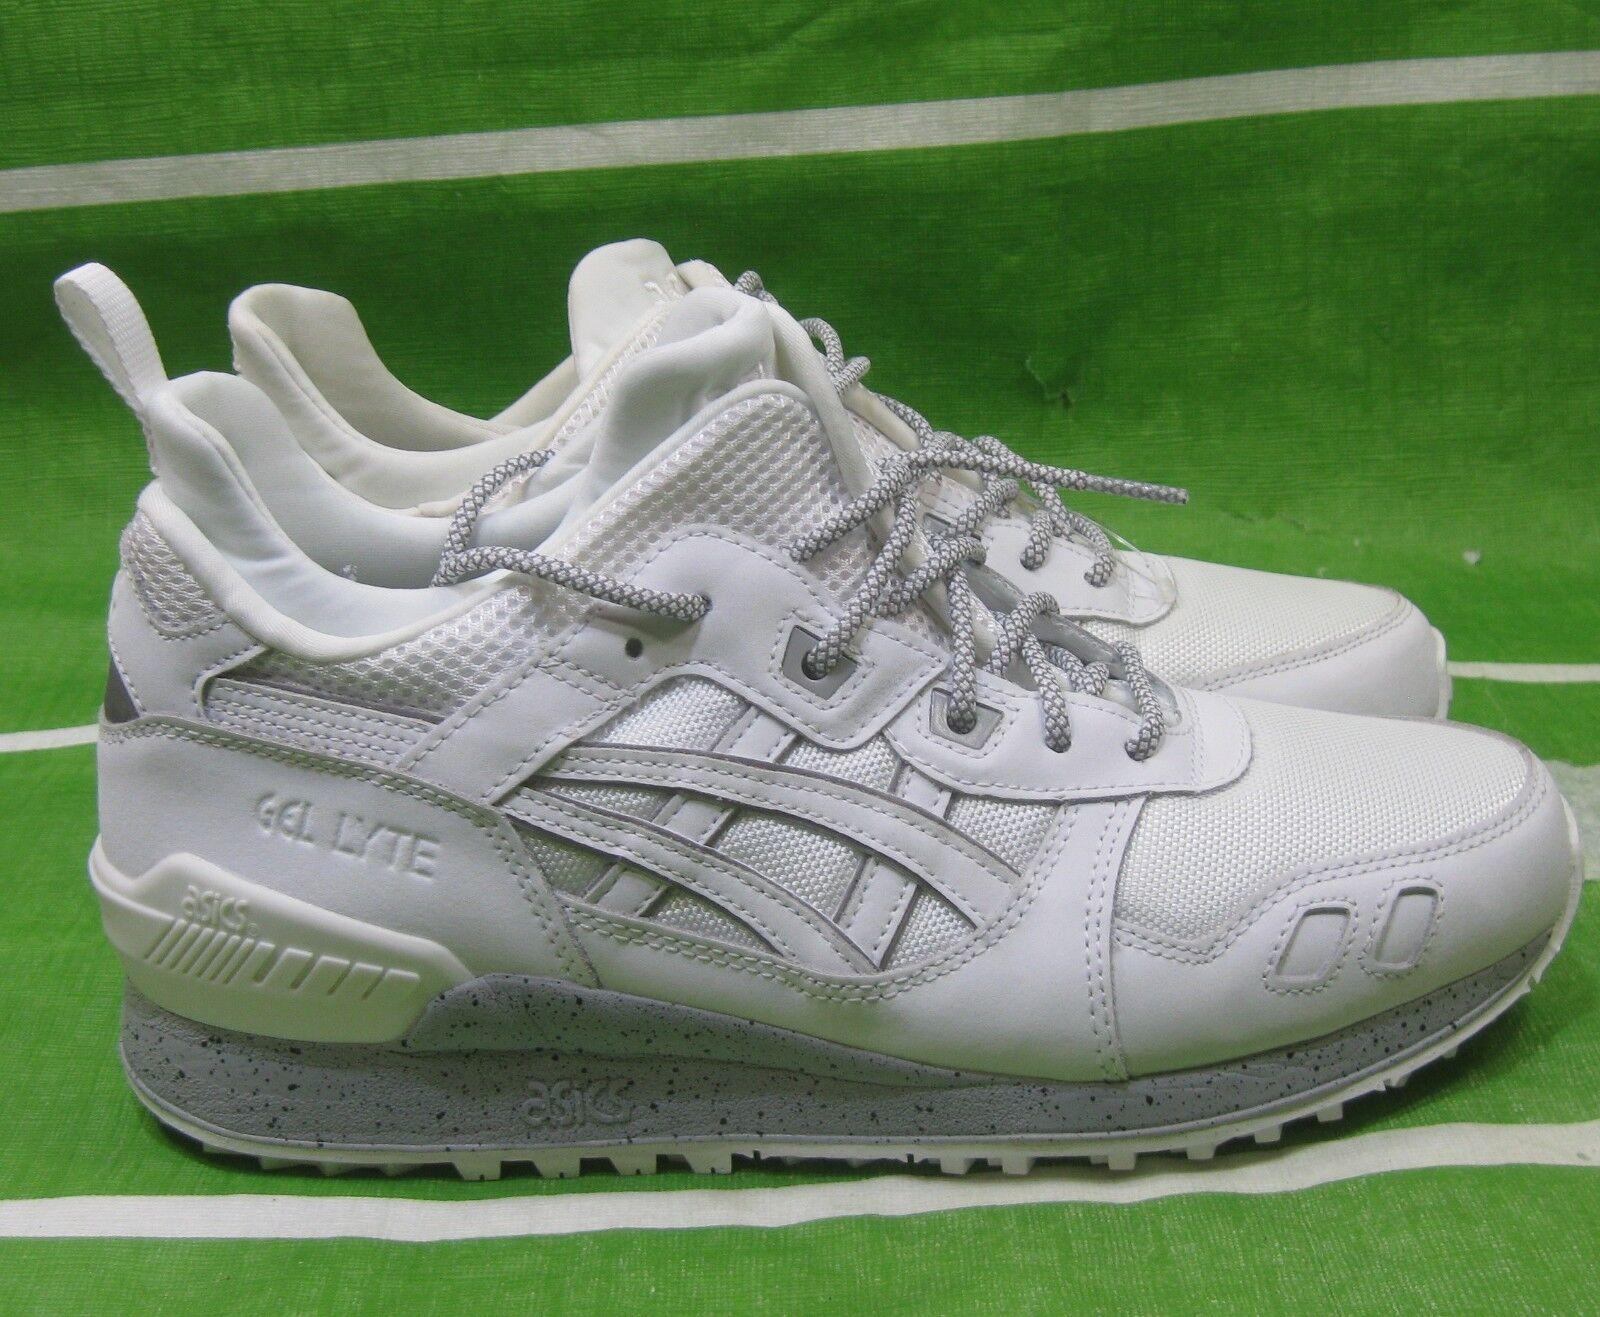 H6k1l ASICS Men's Gel-Lyte MT Fashion Sneaker  Size  9